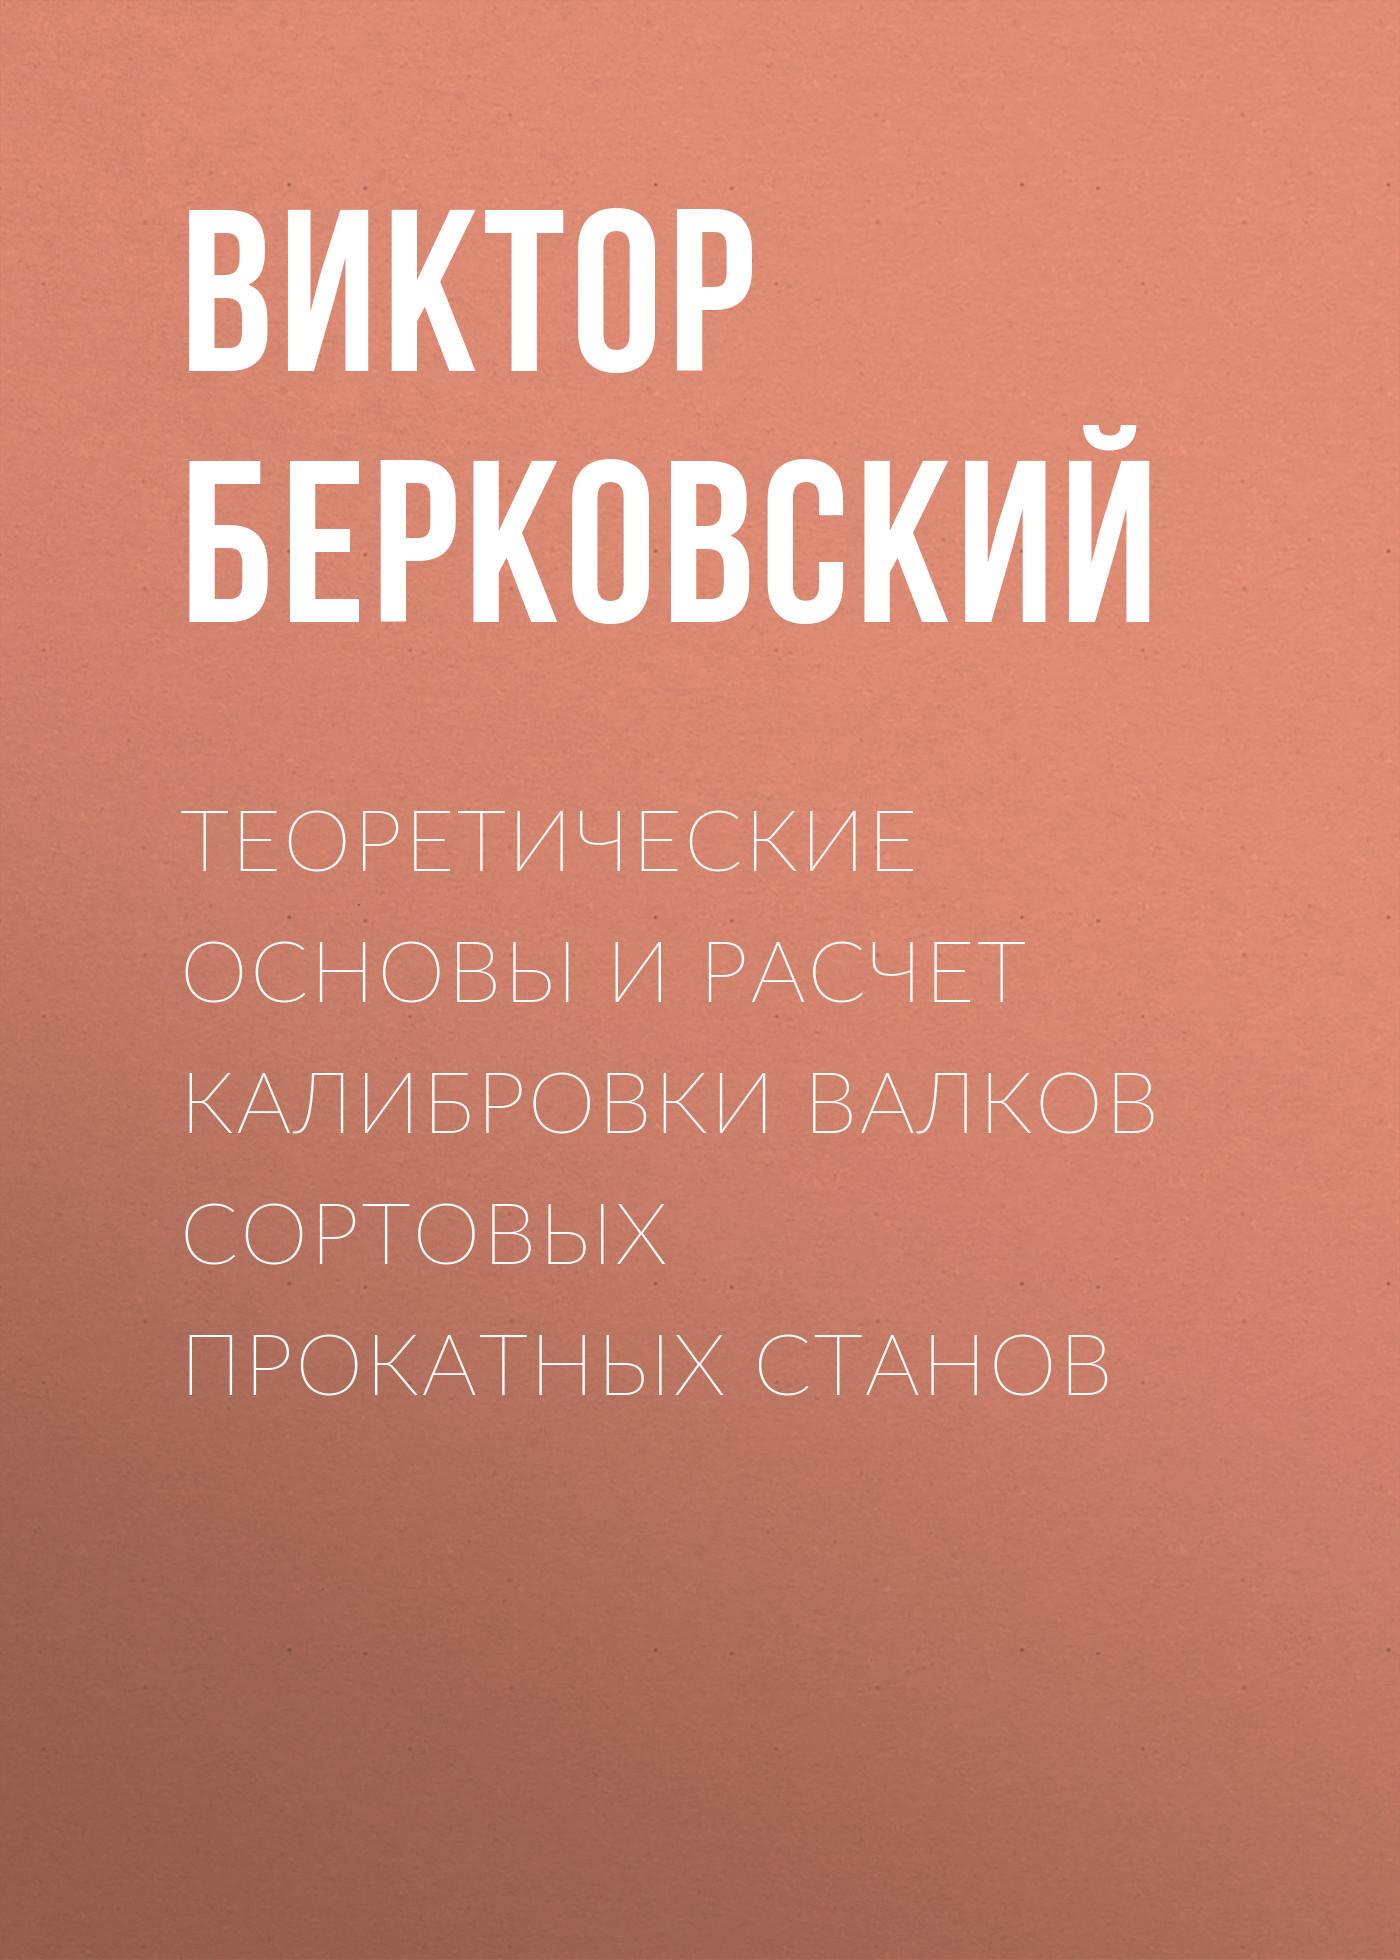 Виктор Берковский бесплатно